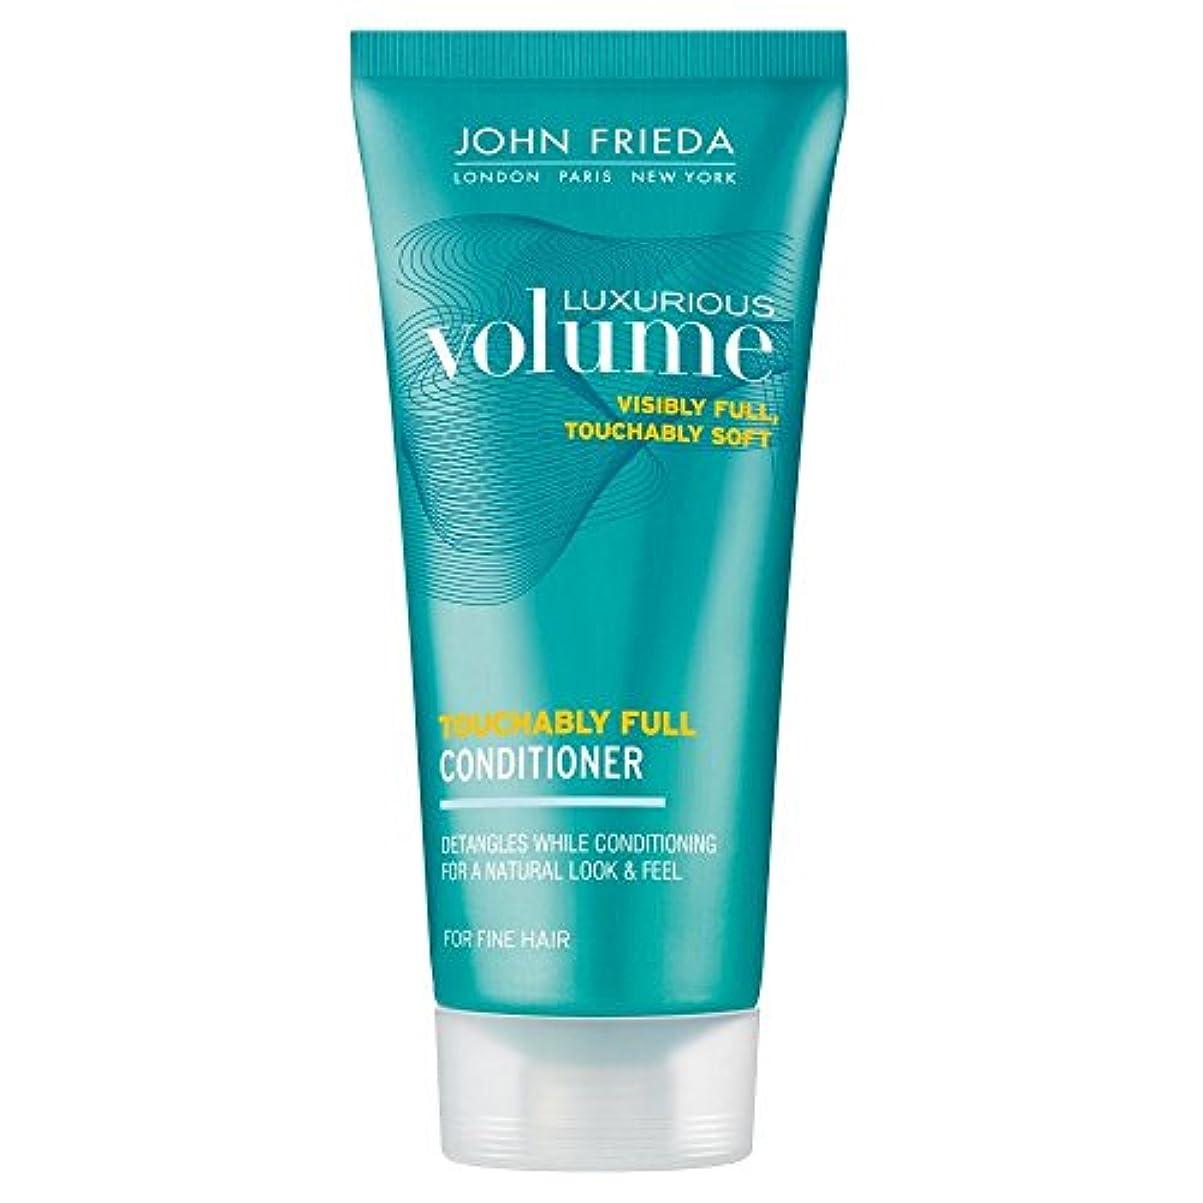 親指ソーシャルチャンスJohn Frieda Luxurious Volume Thickening Conditioner (50ml) ジョン?フリーダ豪華なボリューム増粘コンディショナー( 50ミリリットル) [並行輸入品]